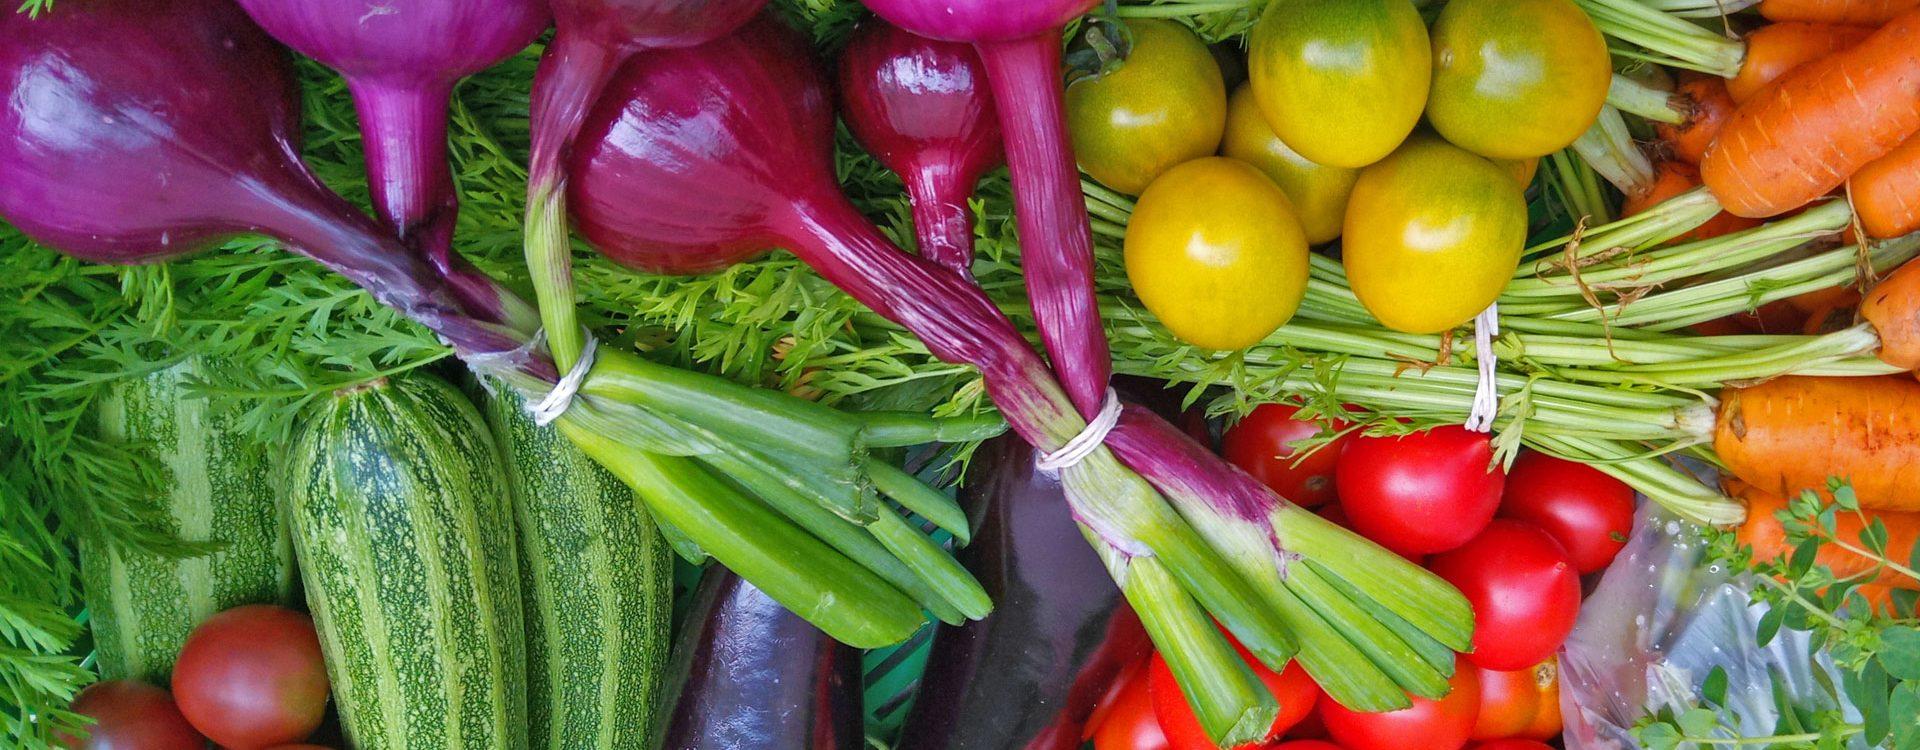 Große Gemüsekiste im Sommer